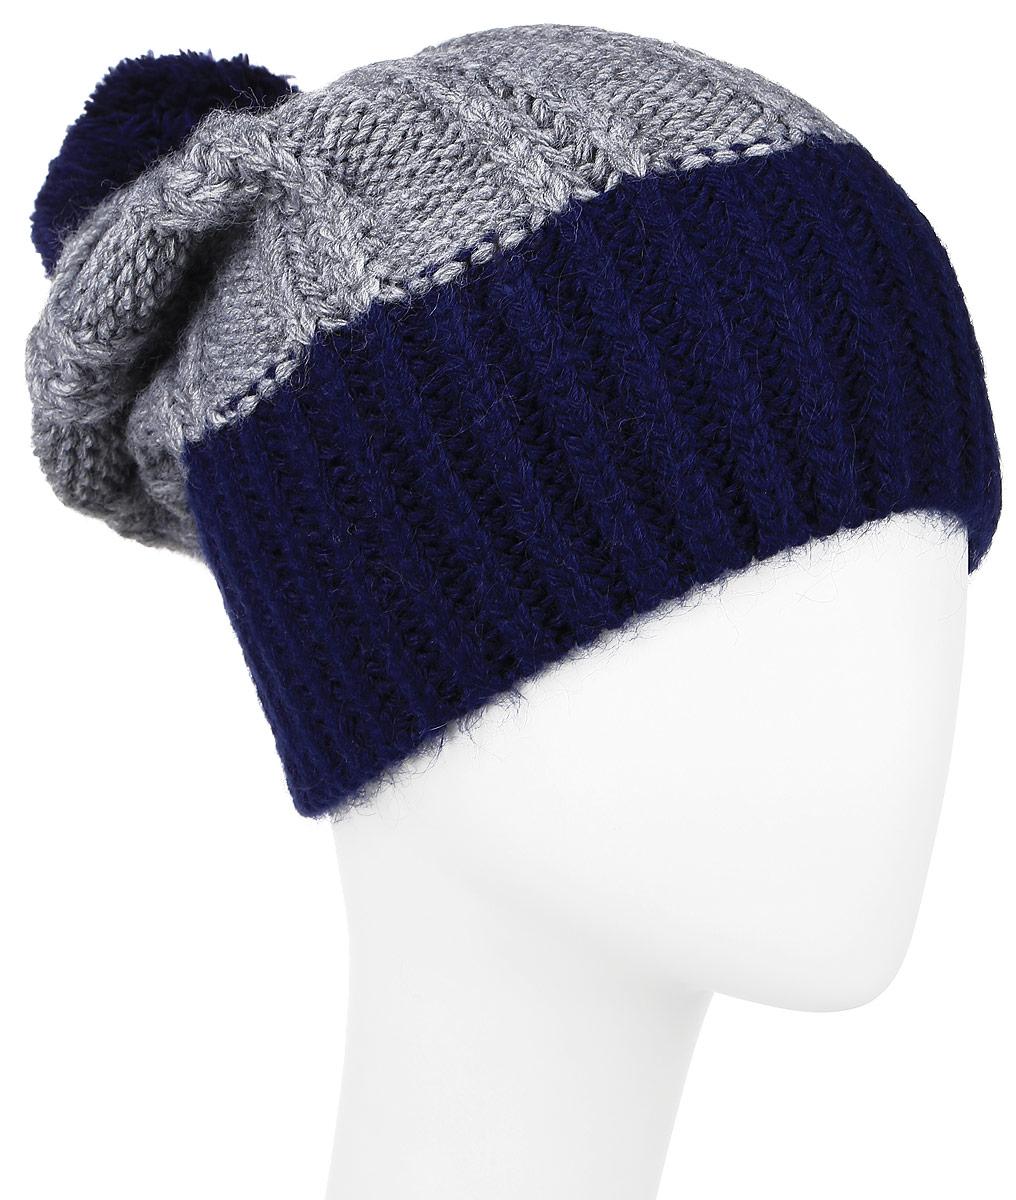 W16-42106_101Стильная мужская шапка Finn Flare отлично дополнит ваш образ в холодную погоду. Сочетание шерсти и акрила максимально сохраняет тепло и обеспечивает удобную посадку. Шапка оформлена крупной вязкой и на макушке украшена помпоном. Модель дополнена металлической пластиной с названием бренда. Уважаемые клиенты! Размер, доступный для заказа, является обхватом головы.